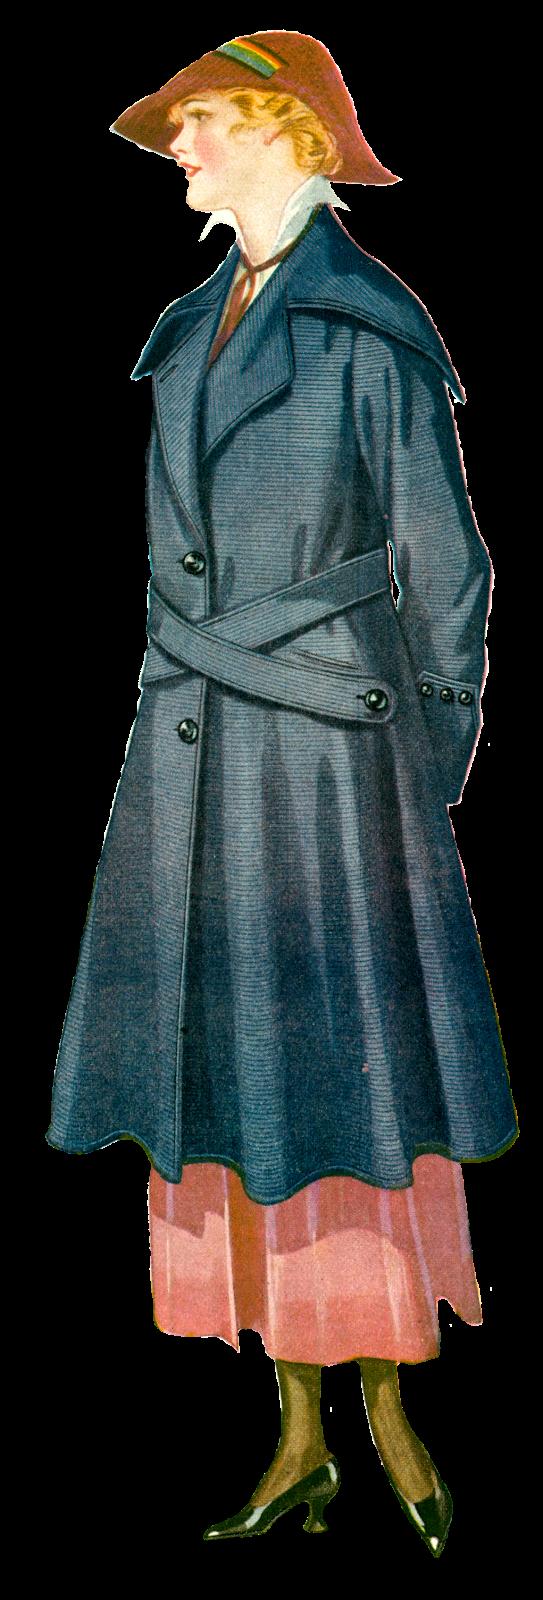 Antique images vintage coat. Clipart clothes women's clothing